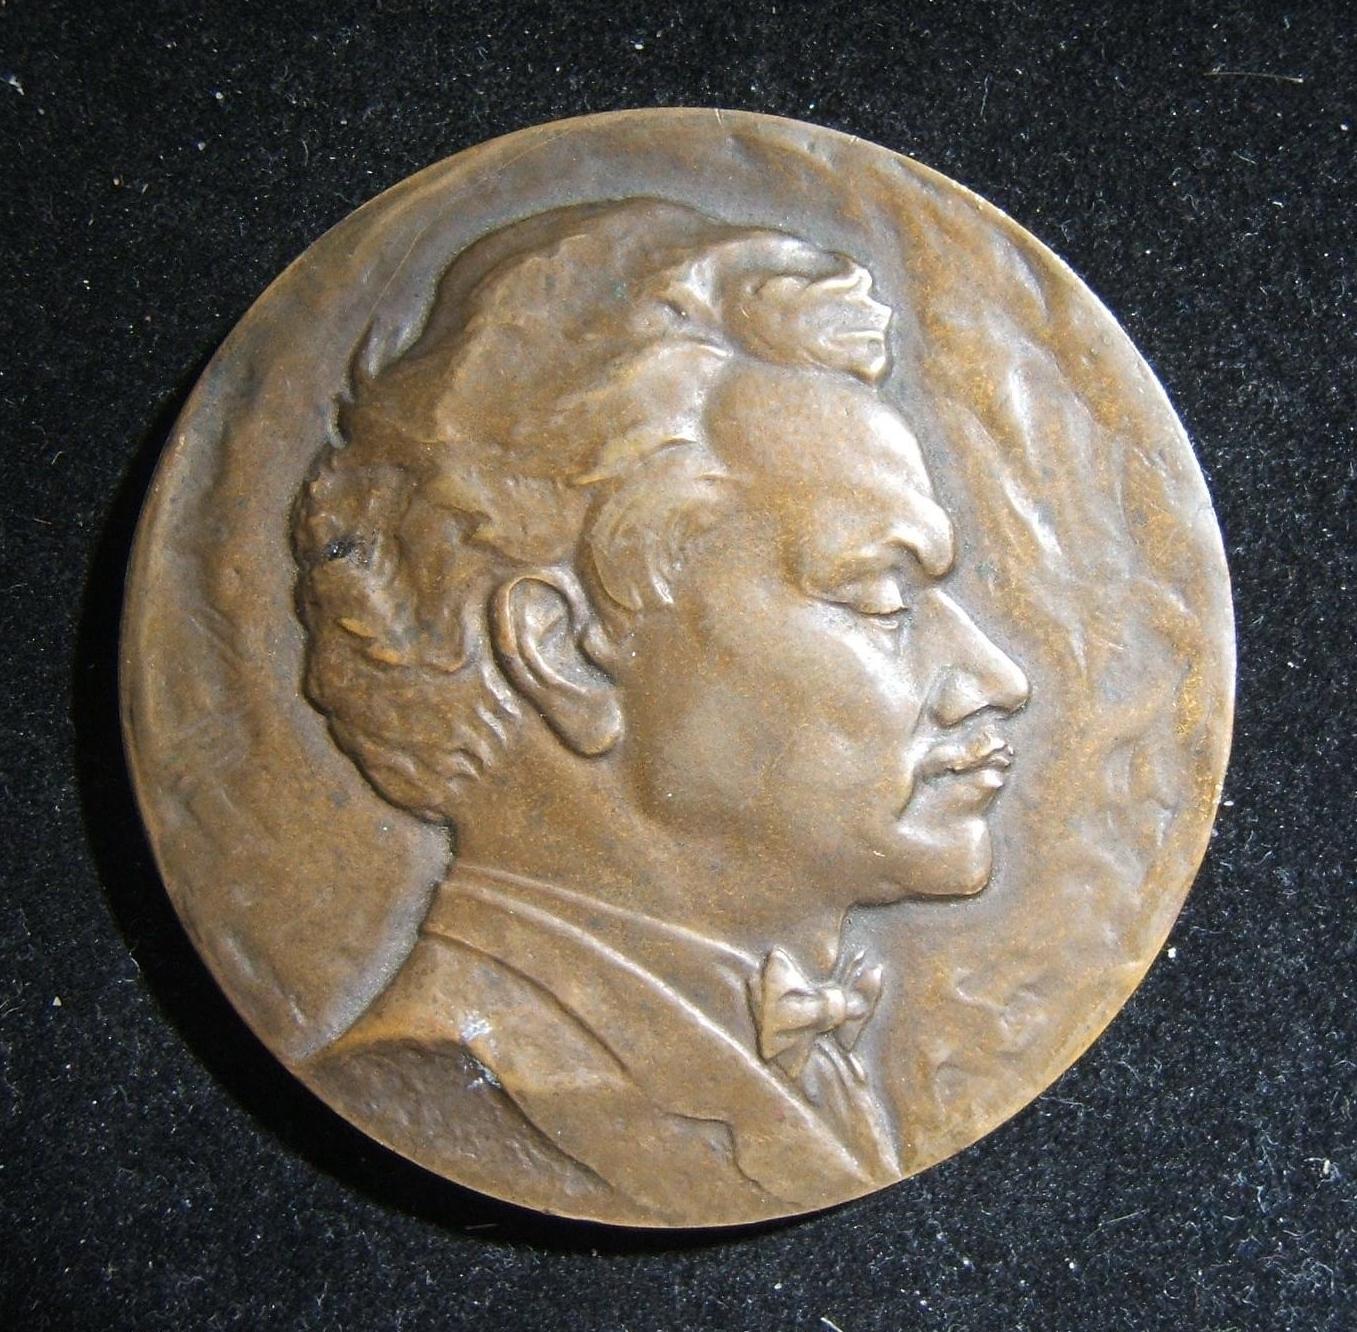 Russland/Sowjetunion: Alexander [Borissowitsch] Goldenveyzer (Goldenweiser), Bronzemedaille zum 100. Jubiläum von Igor Sergeevich Komshilov (1929-), 1975; Größe: 60 mm; Gewicht: 10